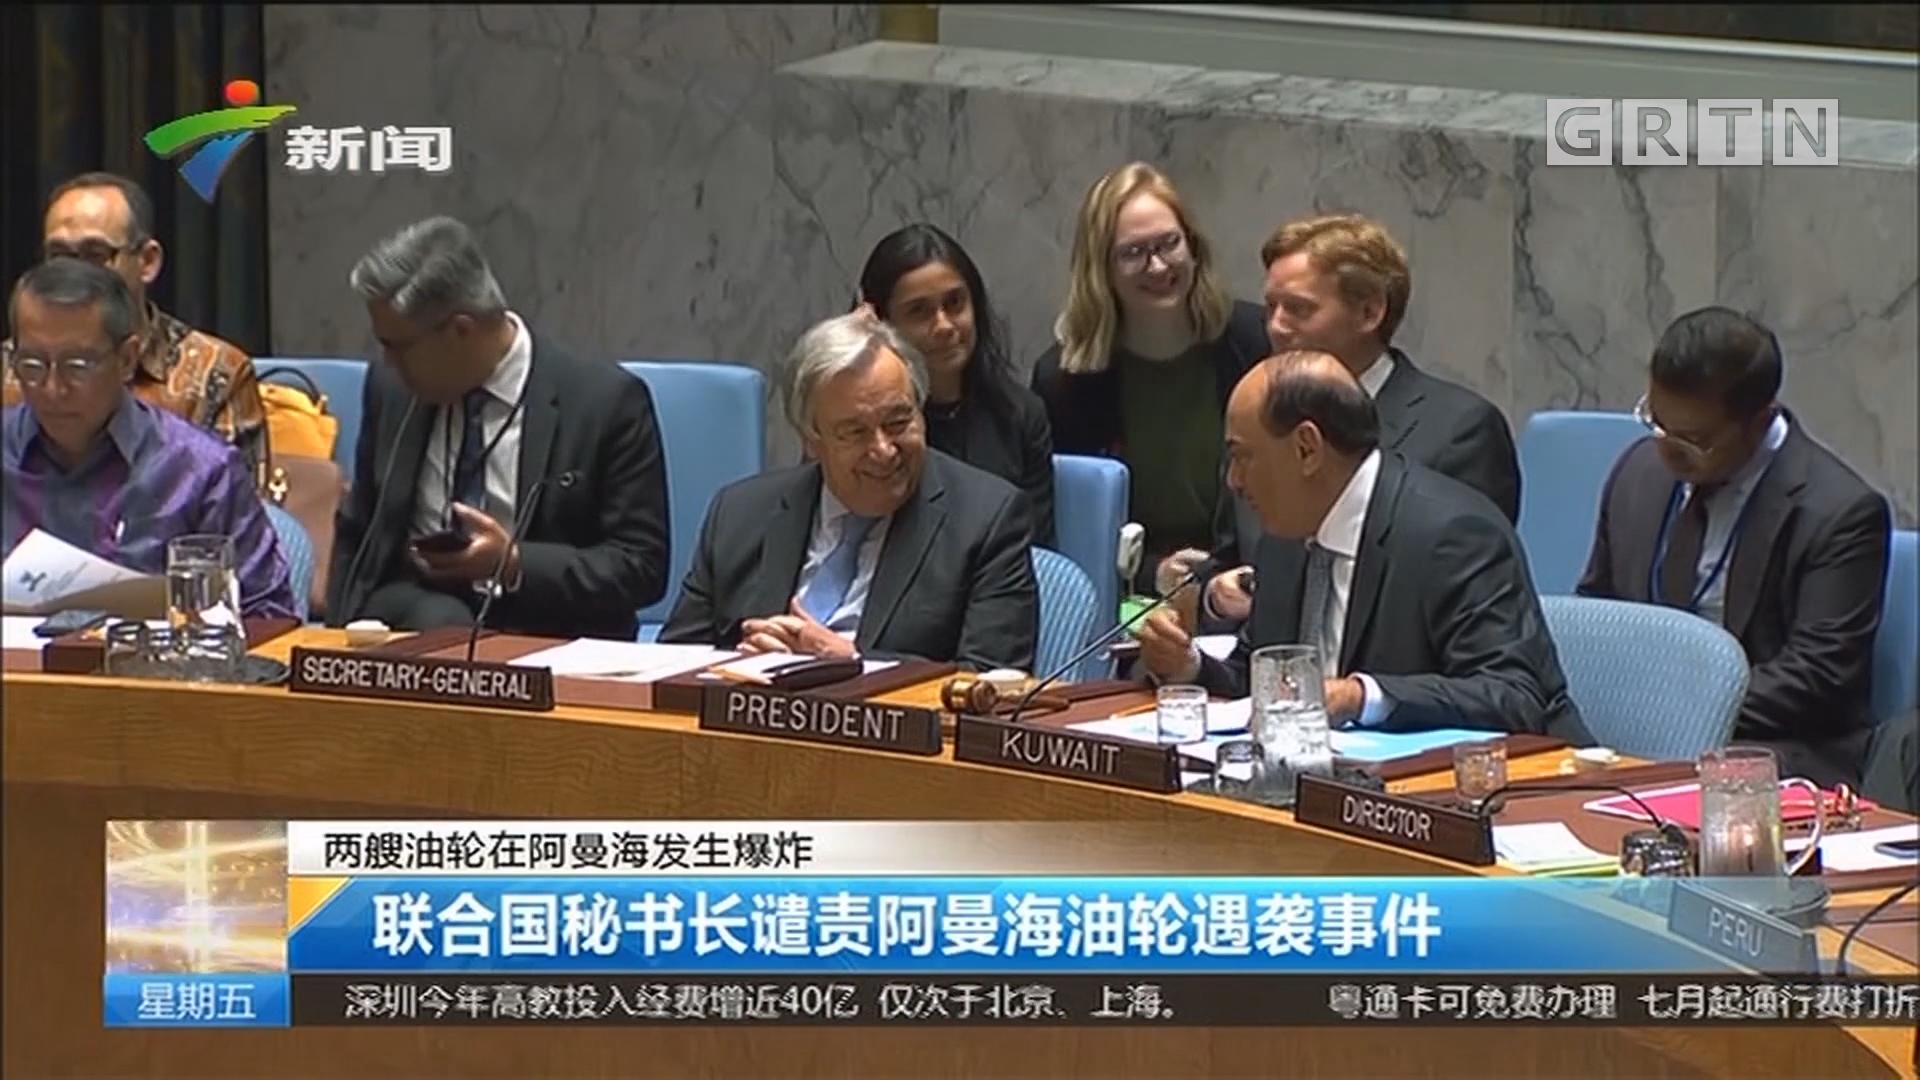 两艘油轮在阿曼海发生爆炸 联合国秘书长谴责阿曼海油轮遇袭事件